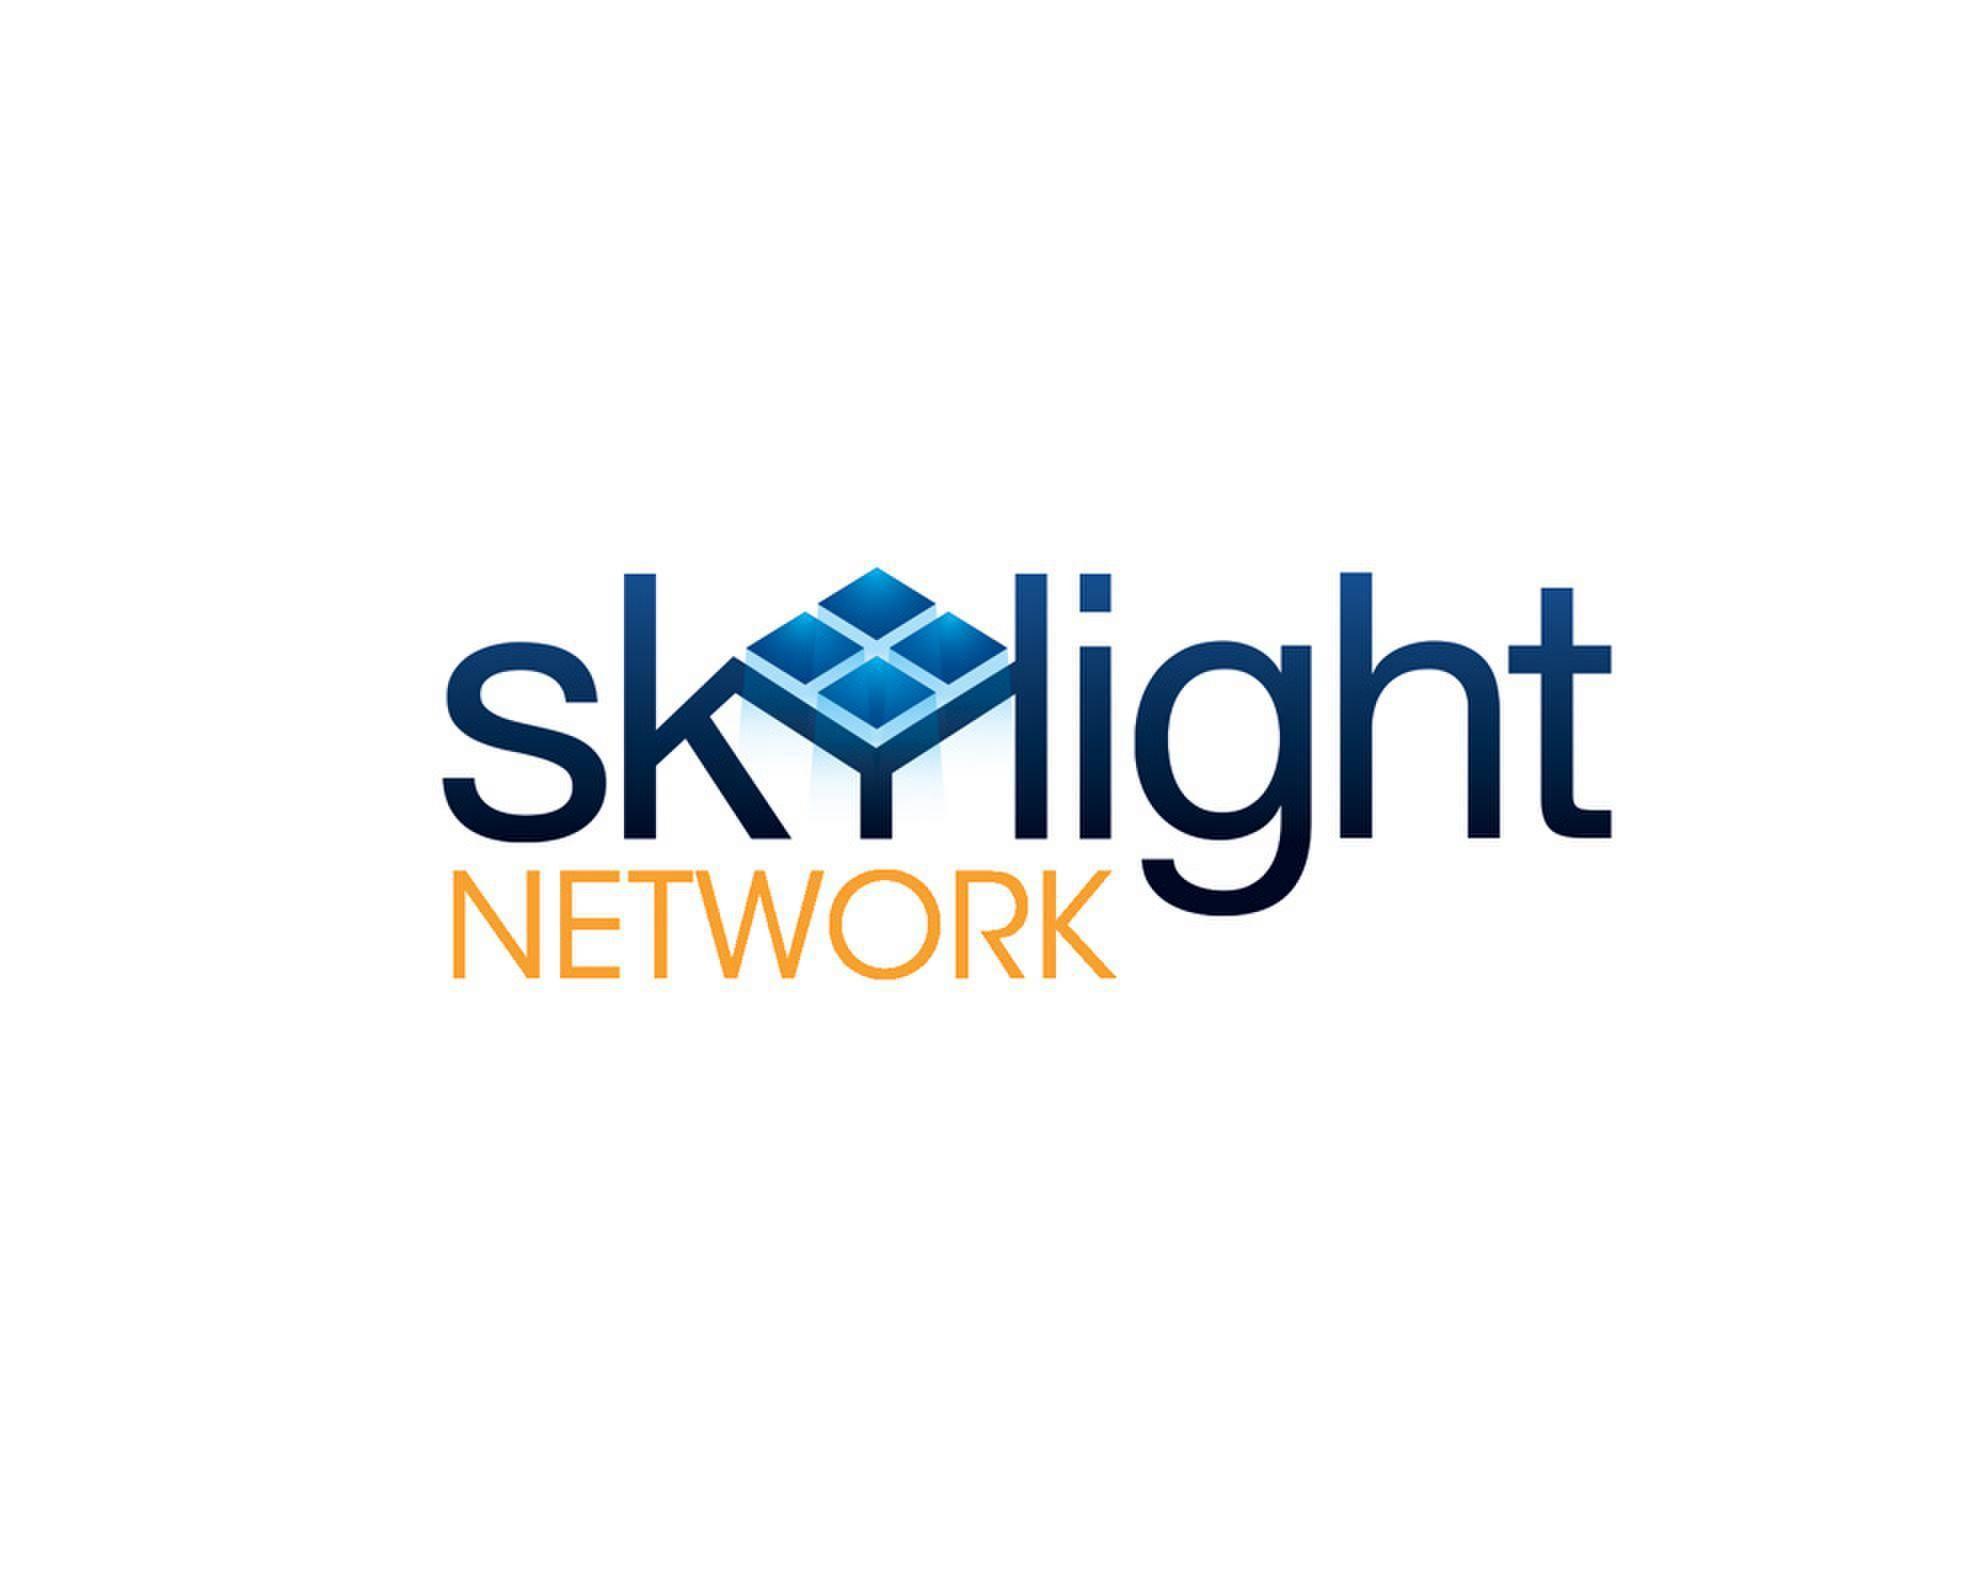 sample_logo_skylight_network.jpg